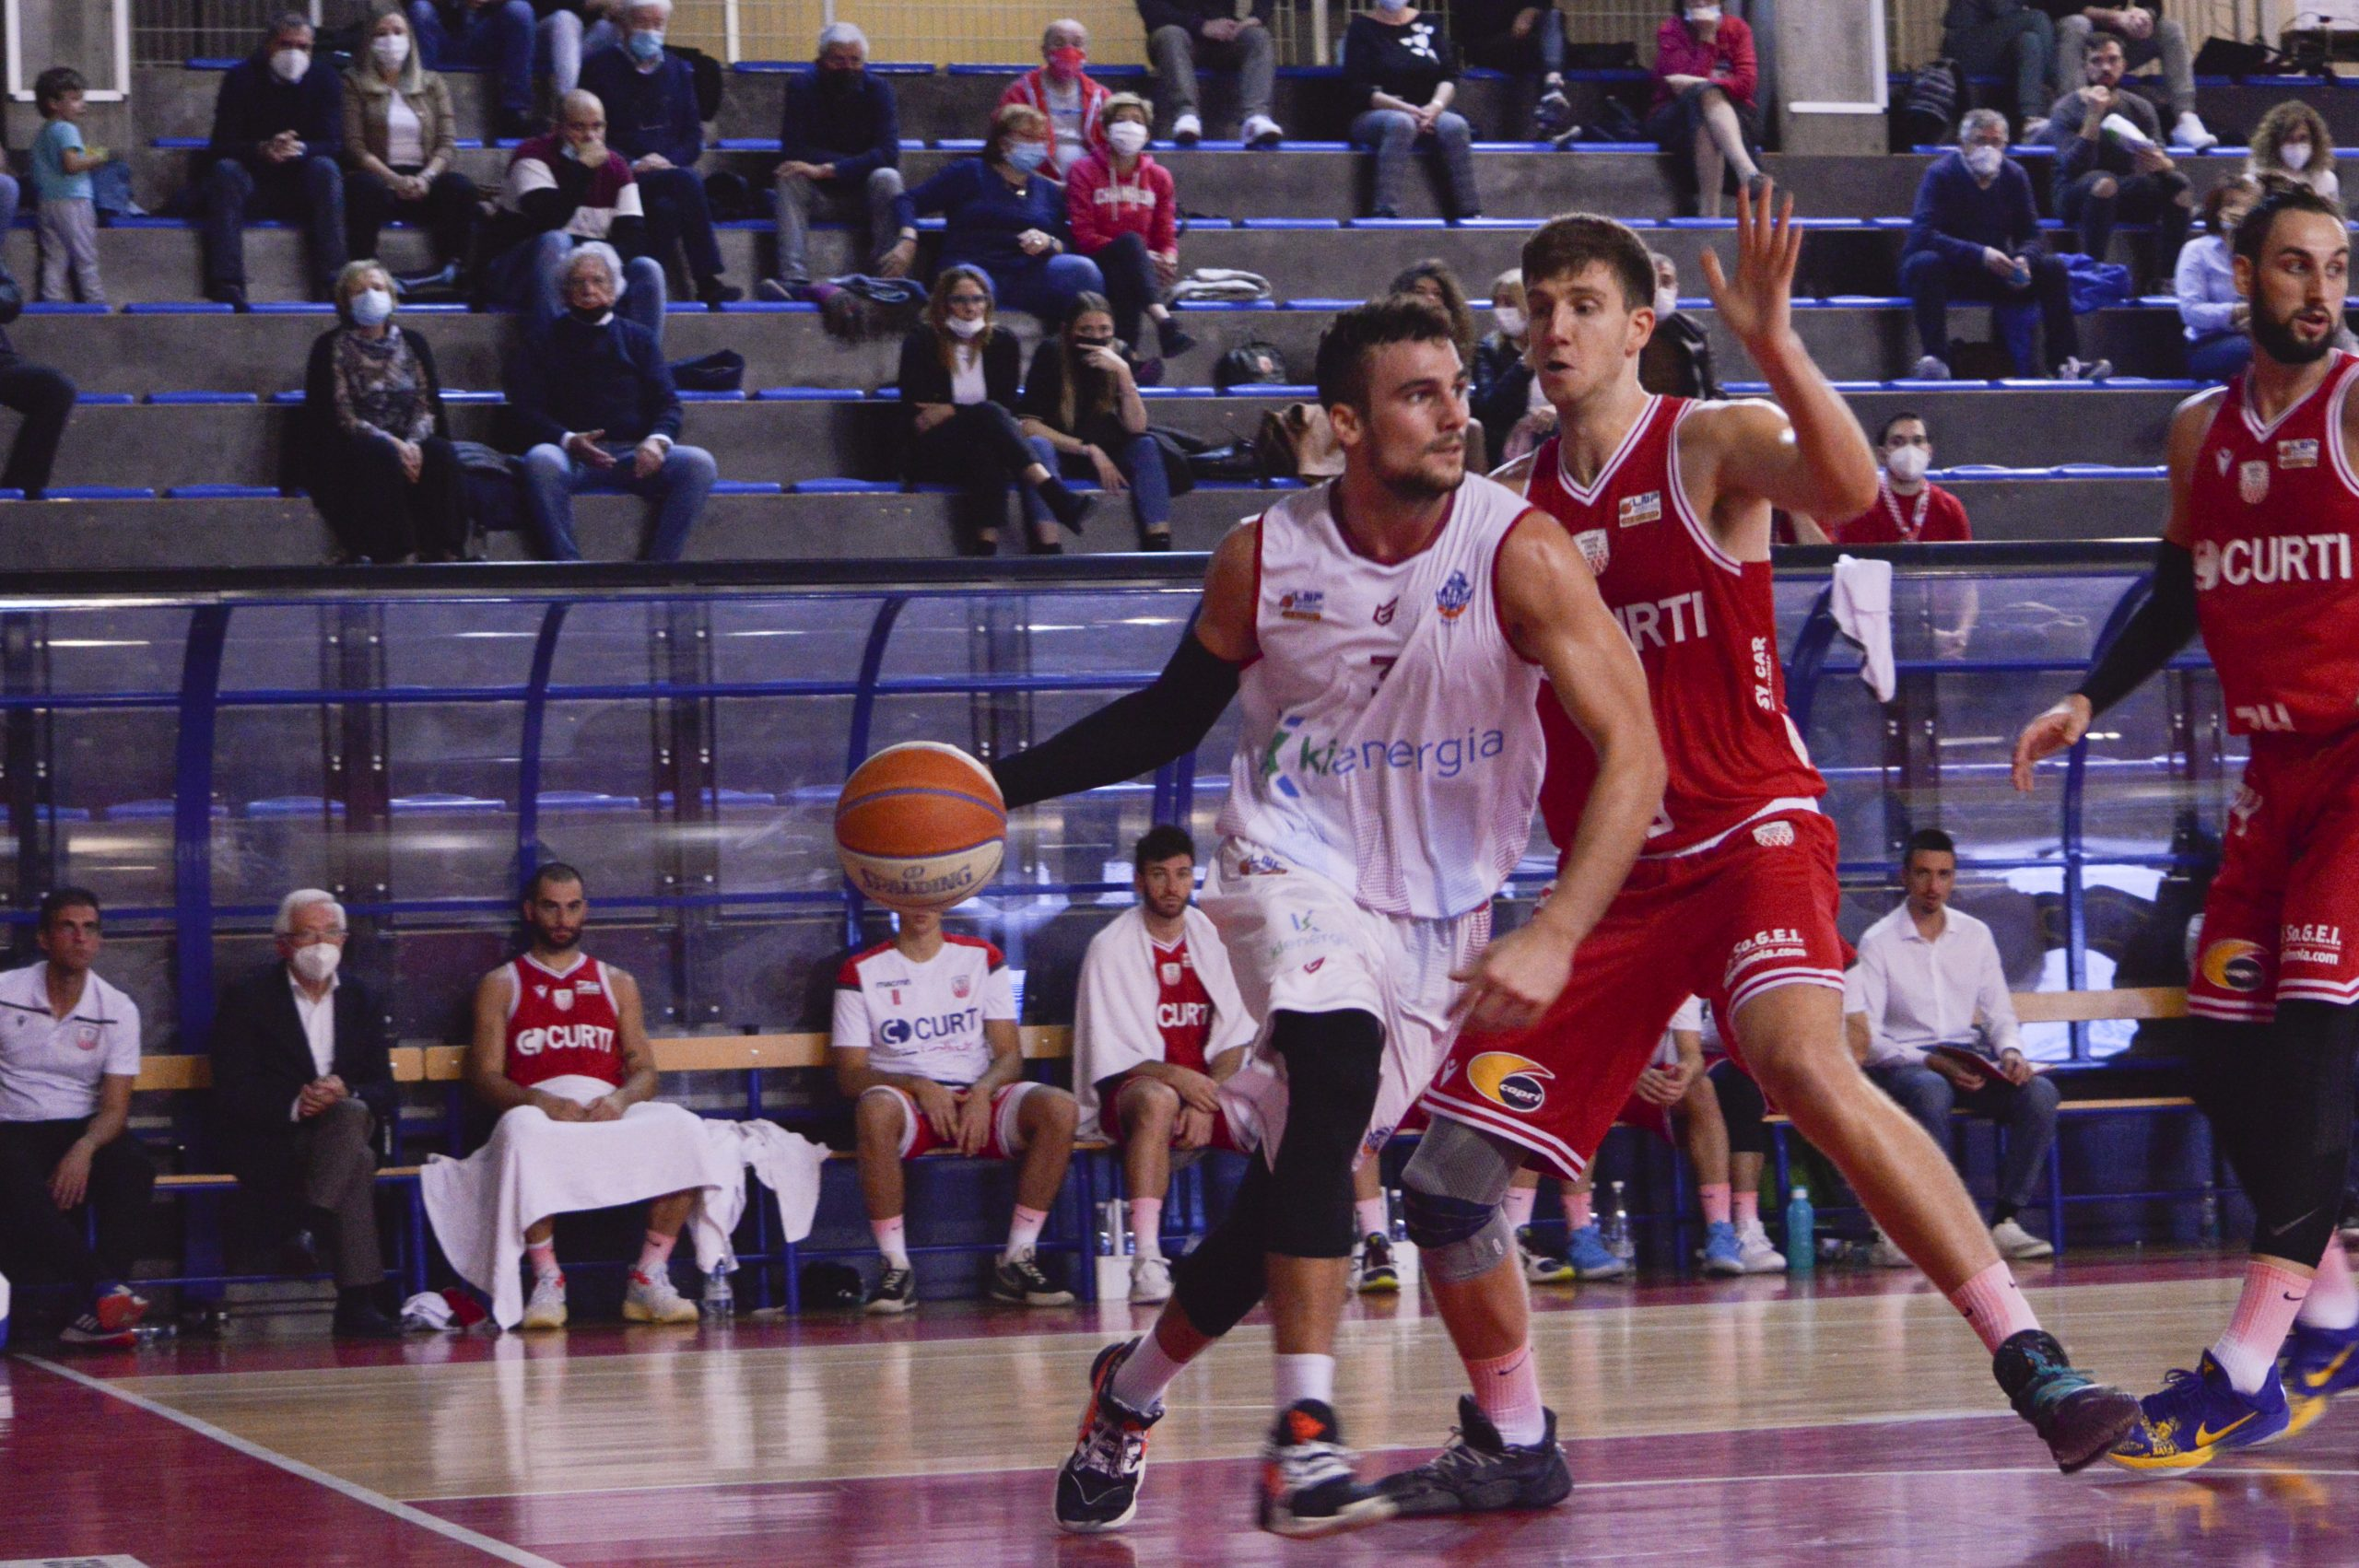 La Ncp si arrende all'Andrea Costa 84-75